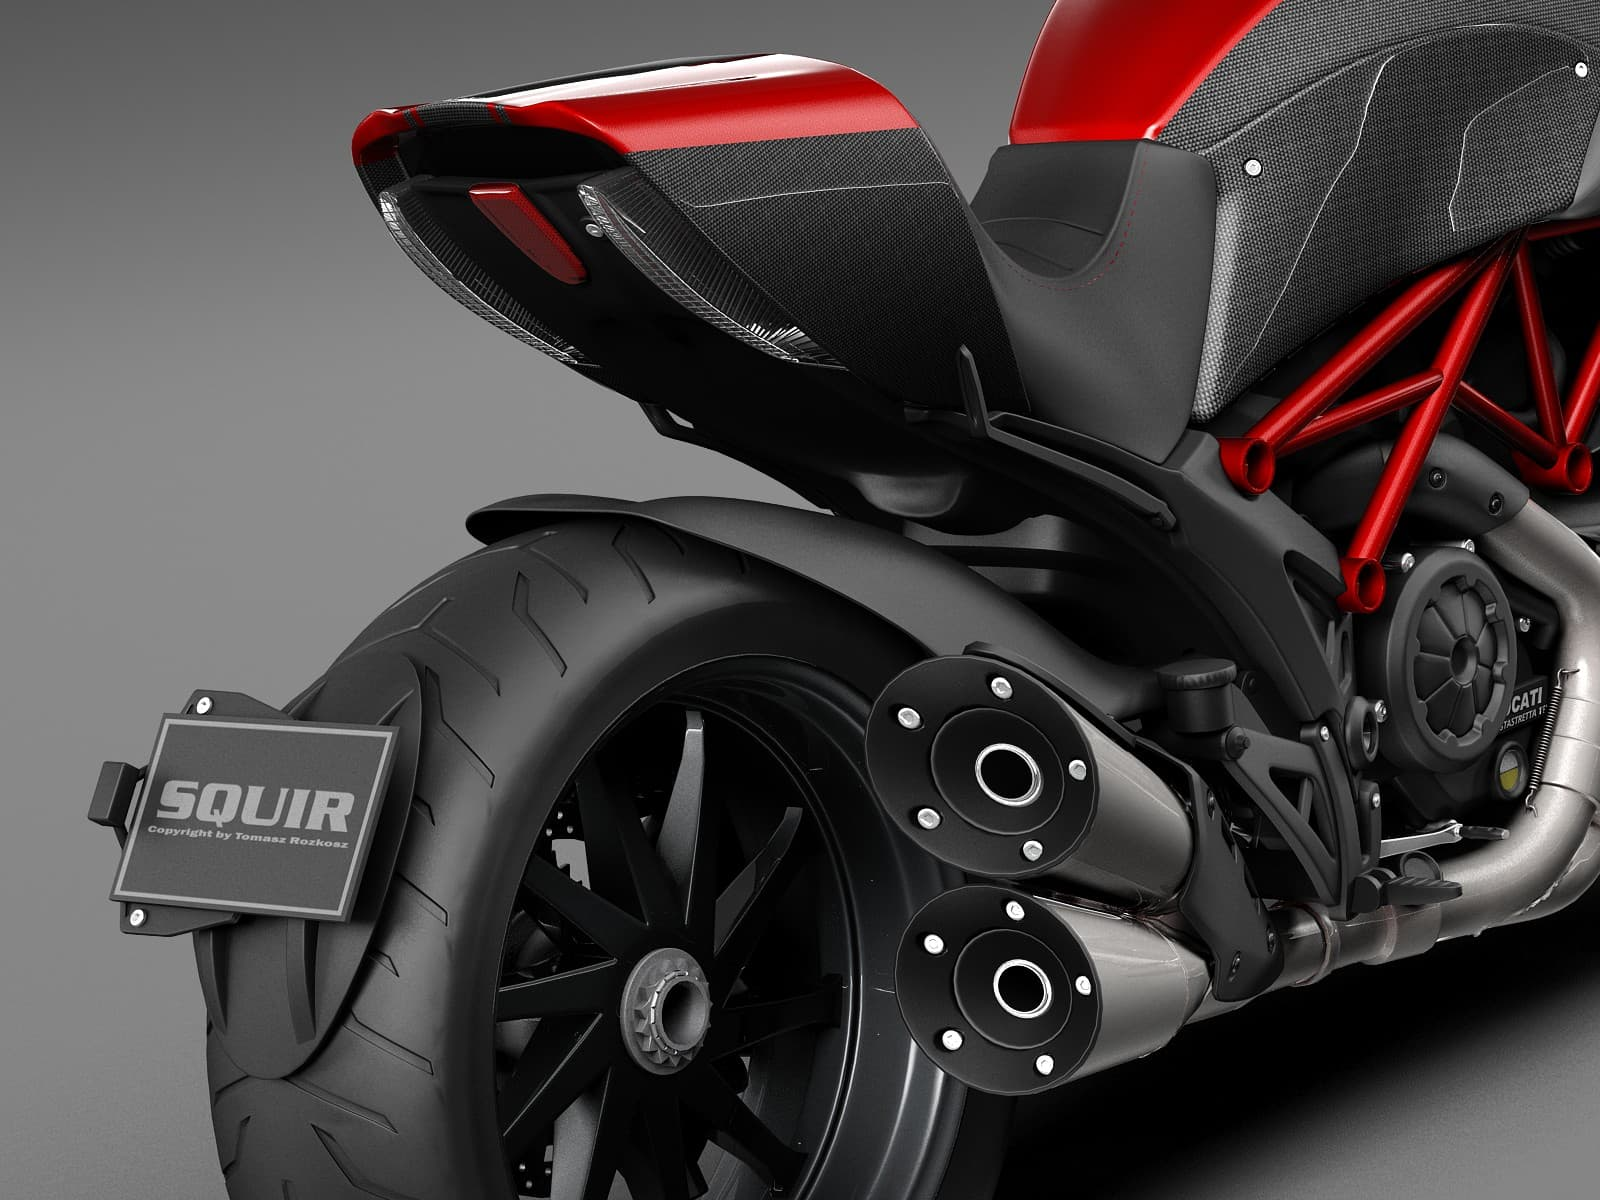 Новый мотоцикл Ducati XDiavel покрыли алмазоподобным углеродным слоем